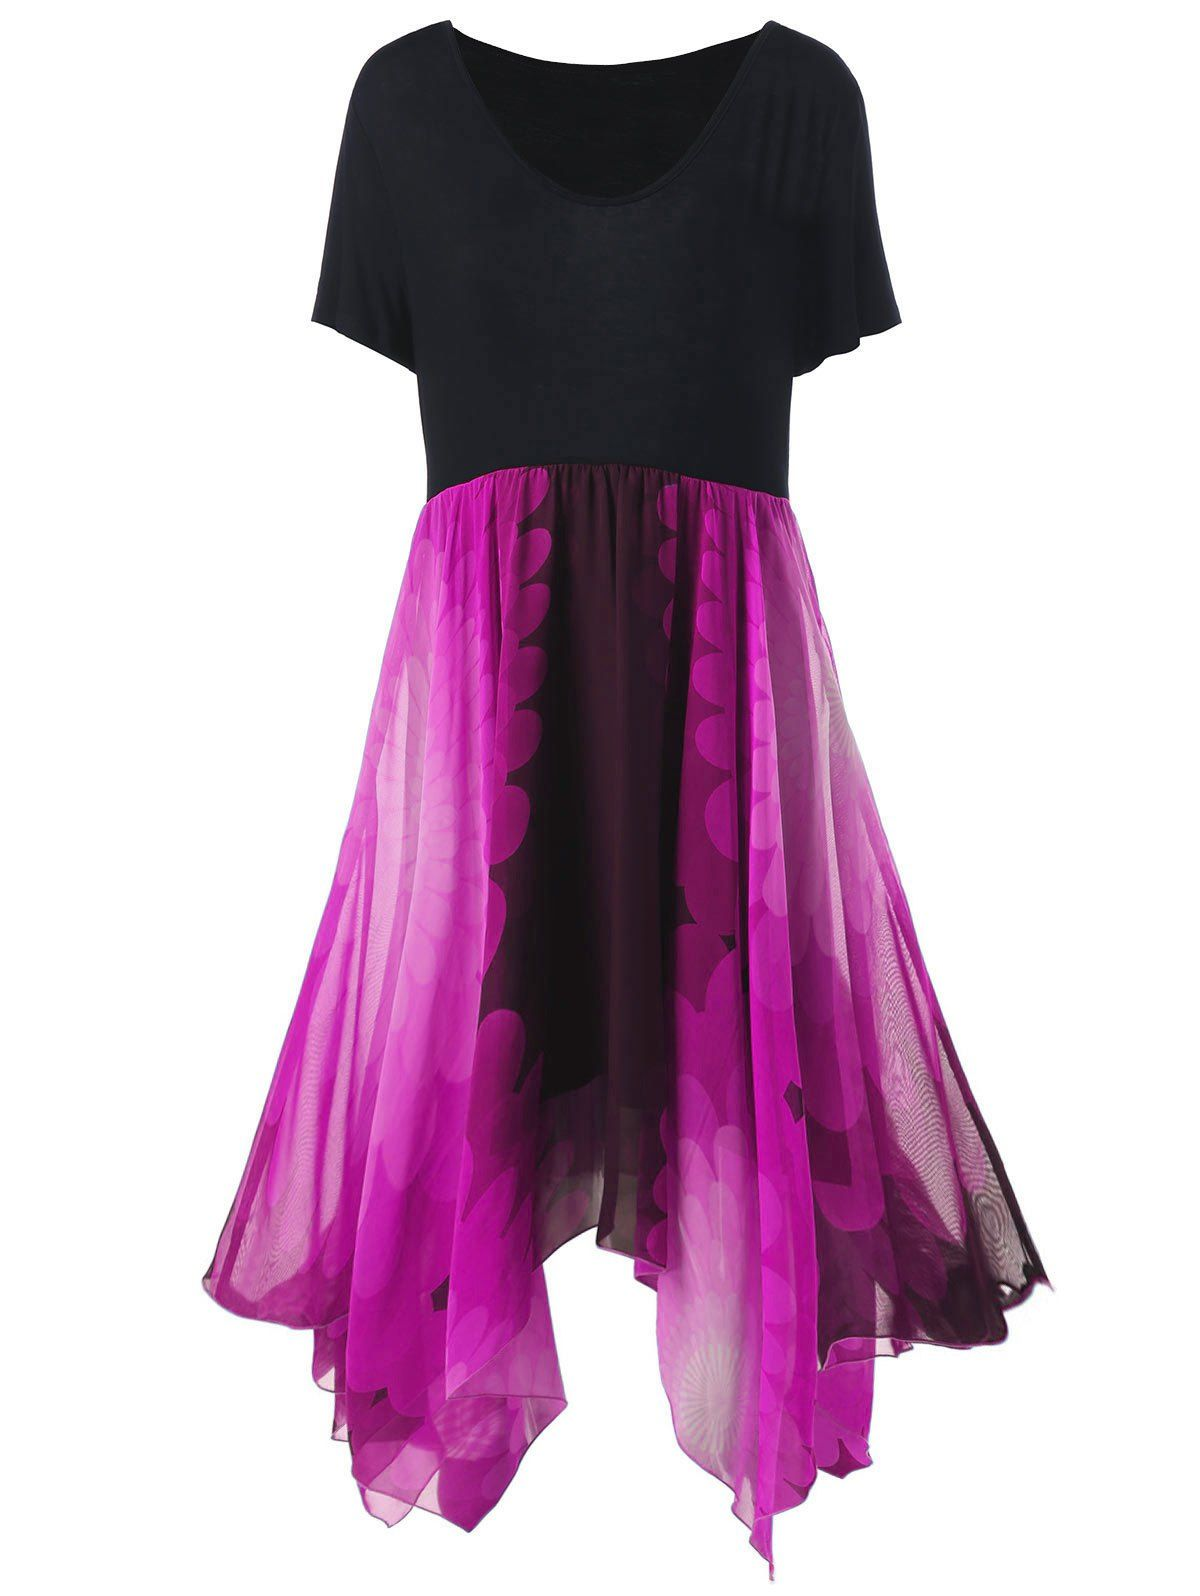 Plus Size High Waist Handkerchief Dress Handkerchief Dress